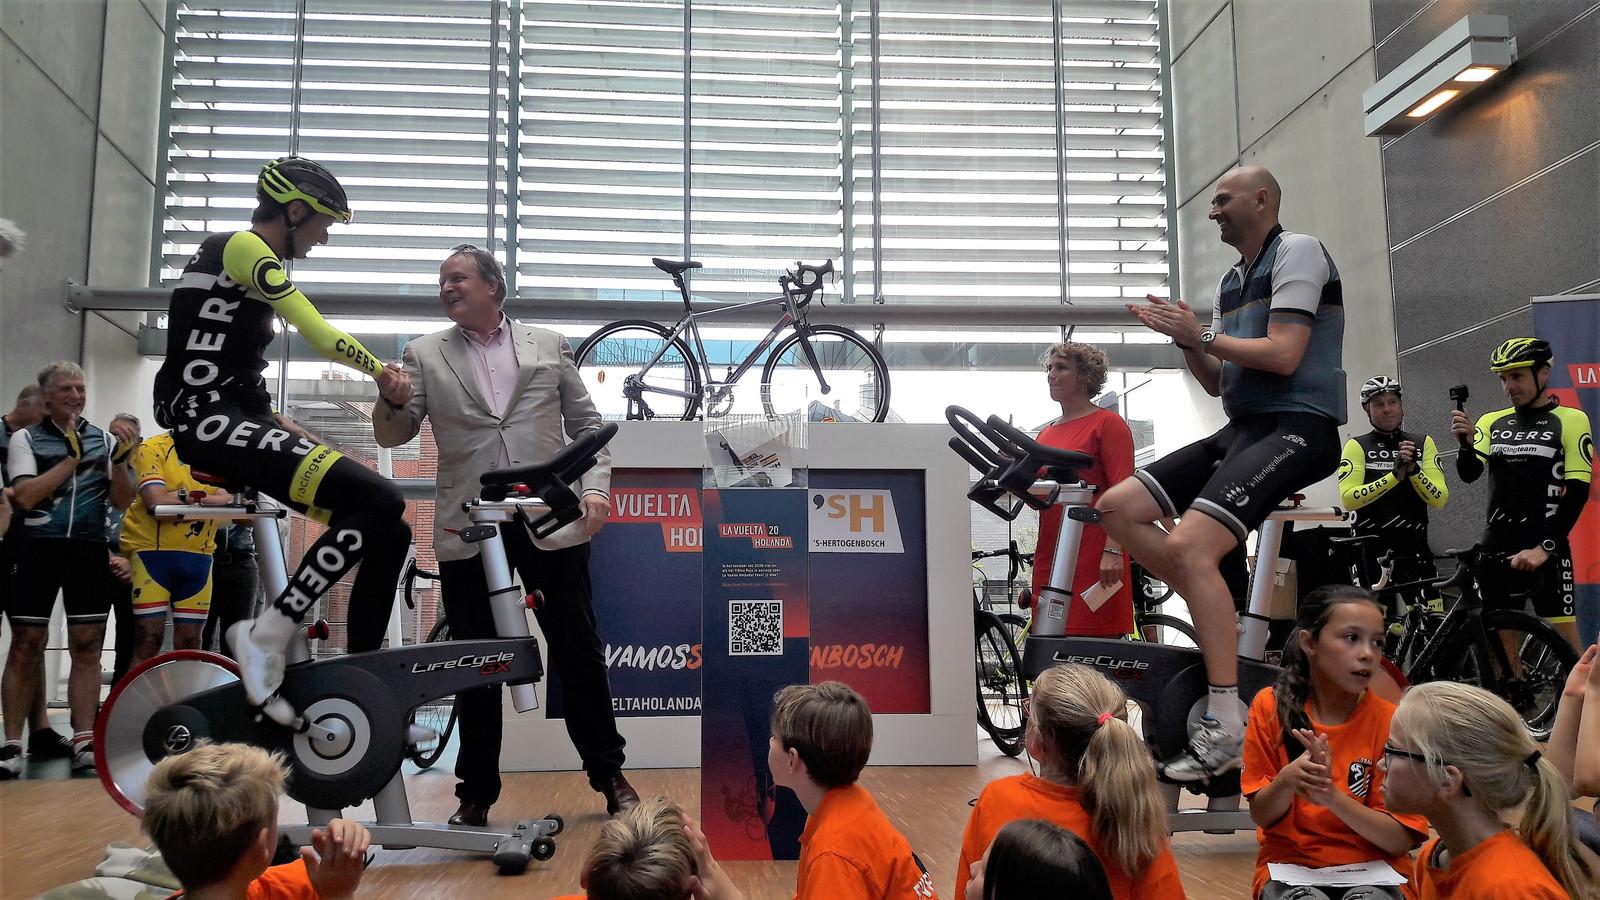 Wethouder Huib van Olden schudt de hand van Christian van Doorn van Coers. Het eerste idee voor rond de start van de tweede etappe van de Vuelta volgend jaar in Den Bosch komt van dit Bossche wielerteam.